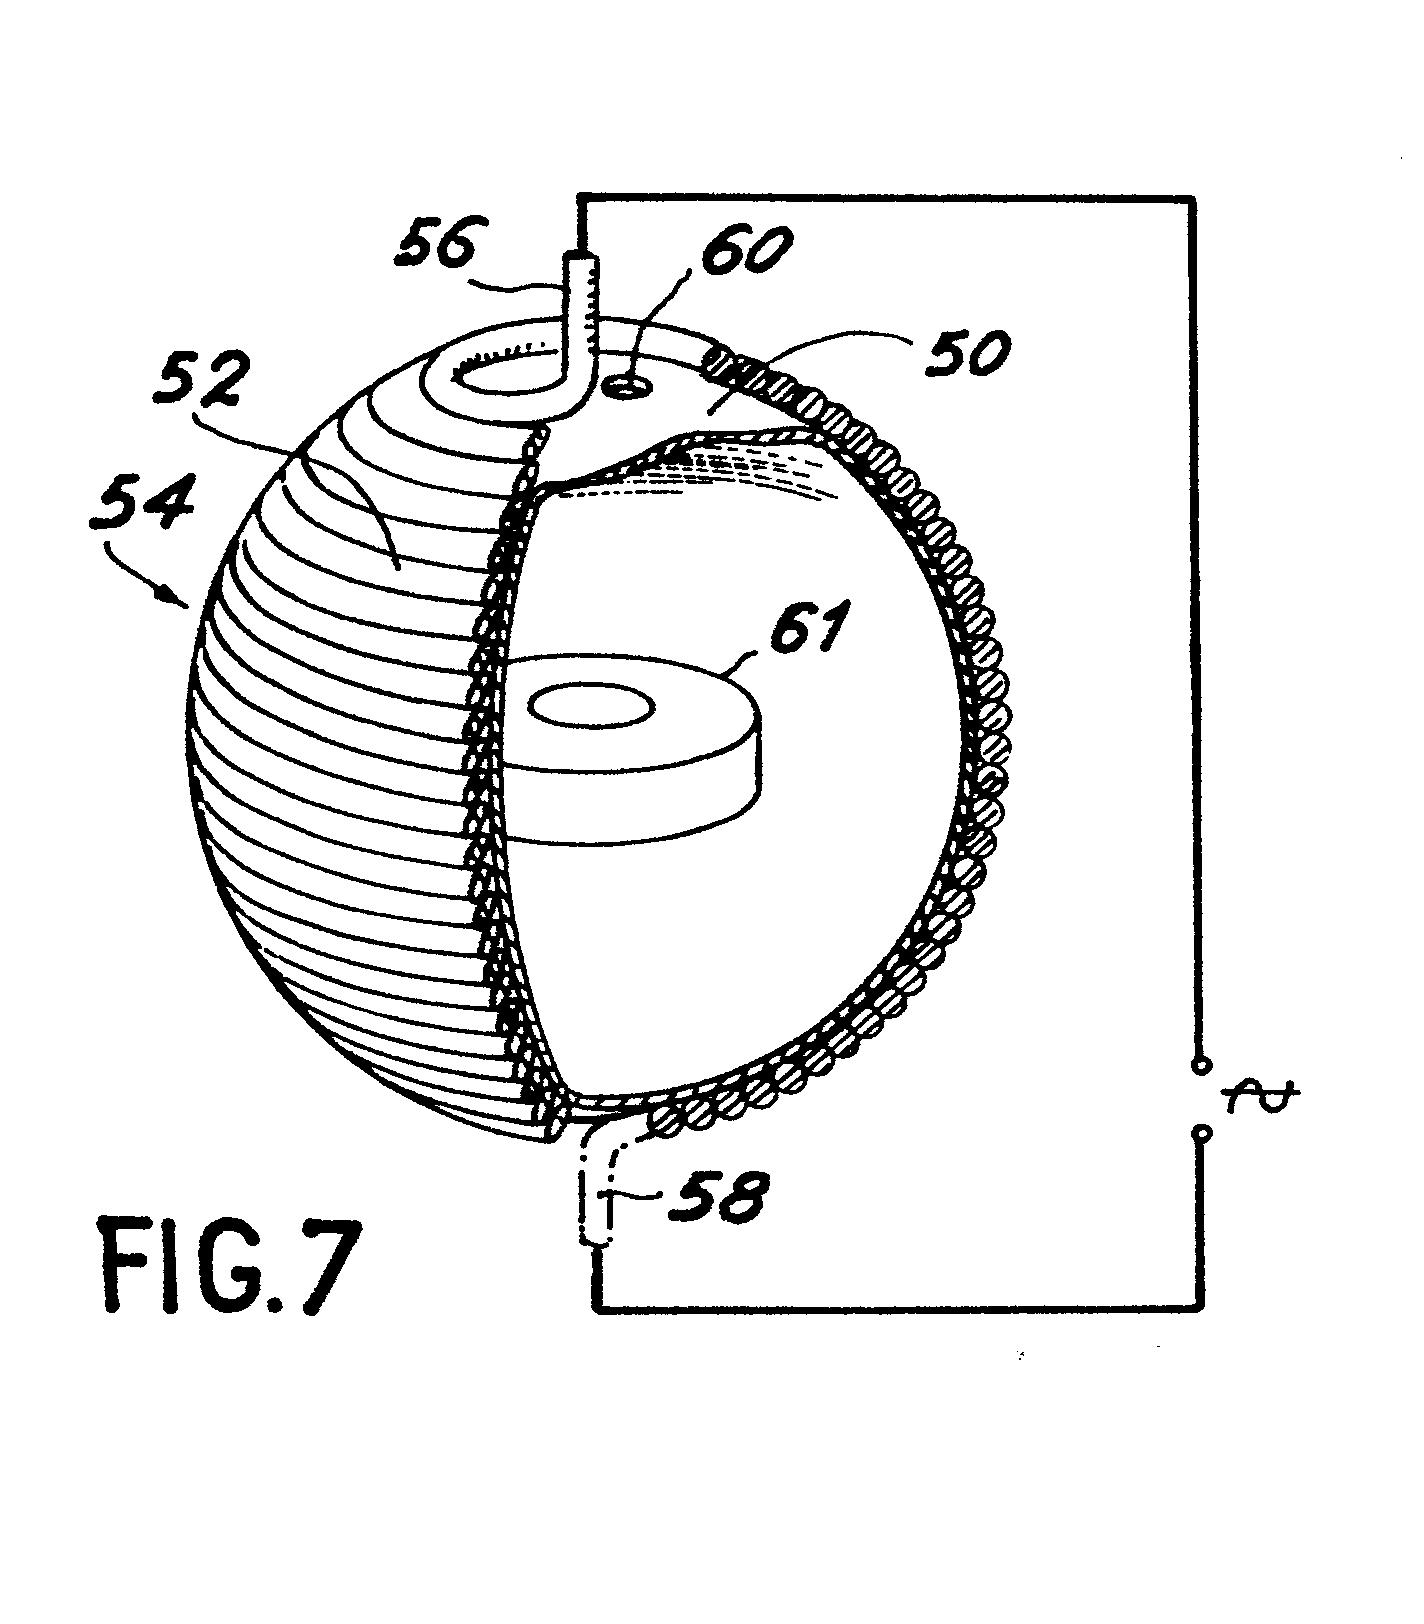 Astatic D 104 Microphone Wiring Diagram - Wiring Schematics on